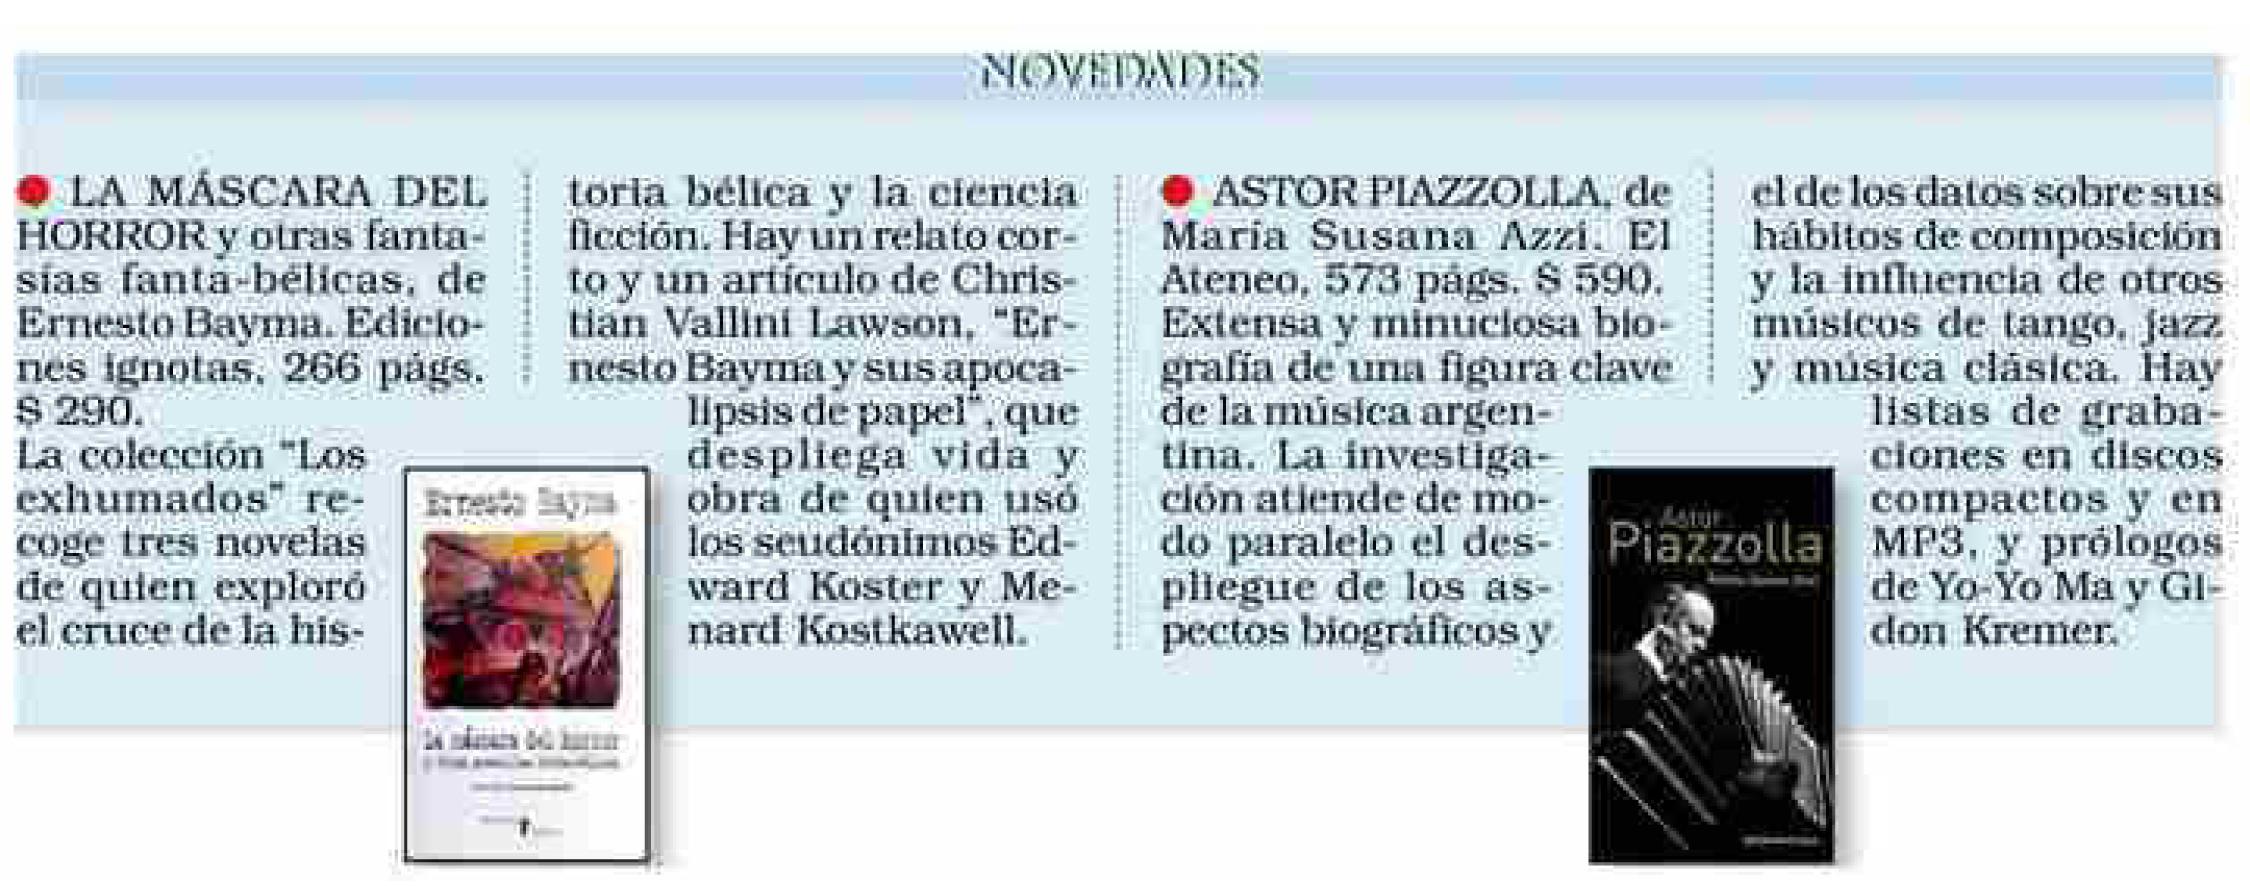 Marzo29-Noticias-Piazzolla-1